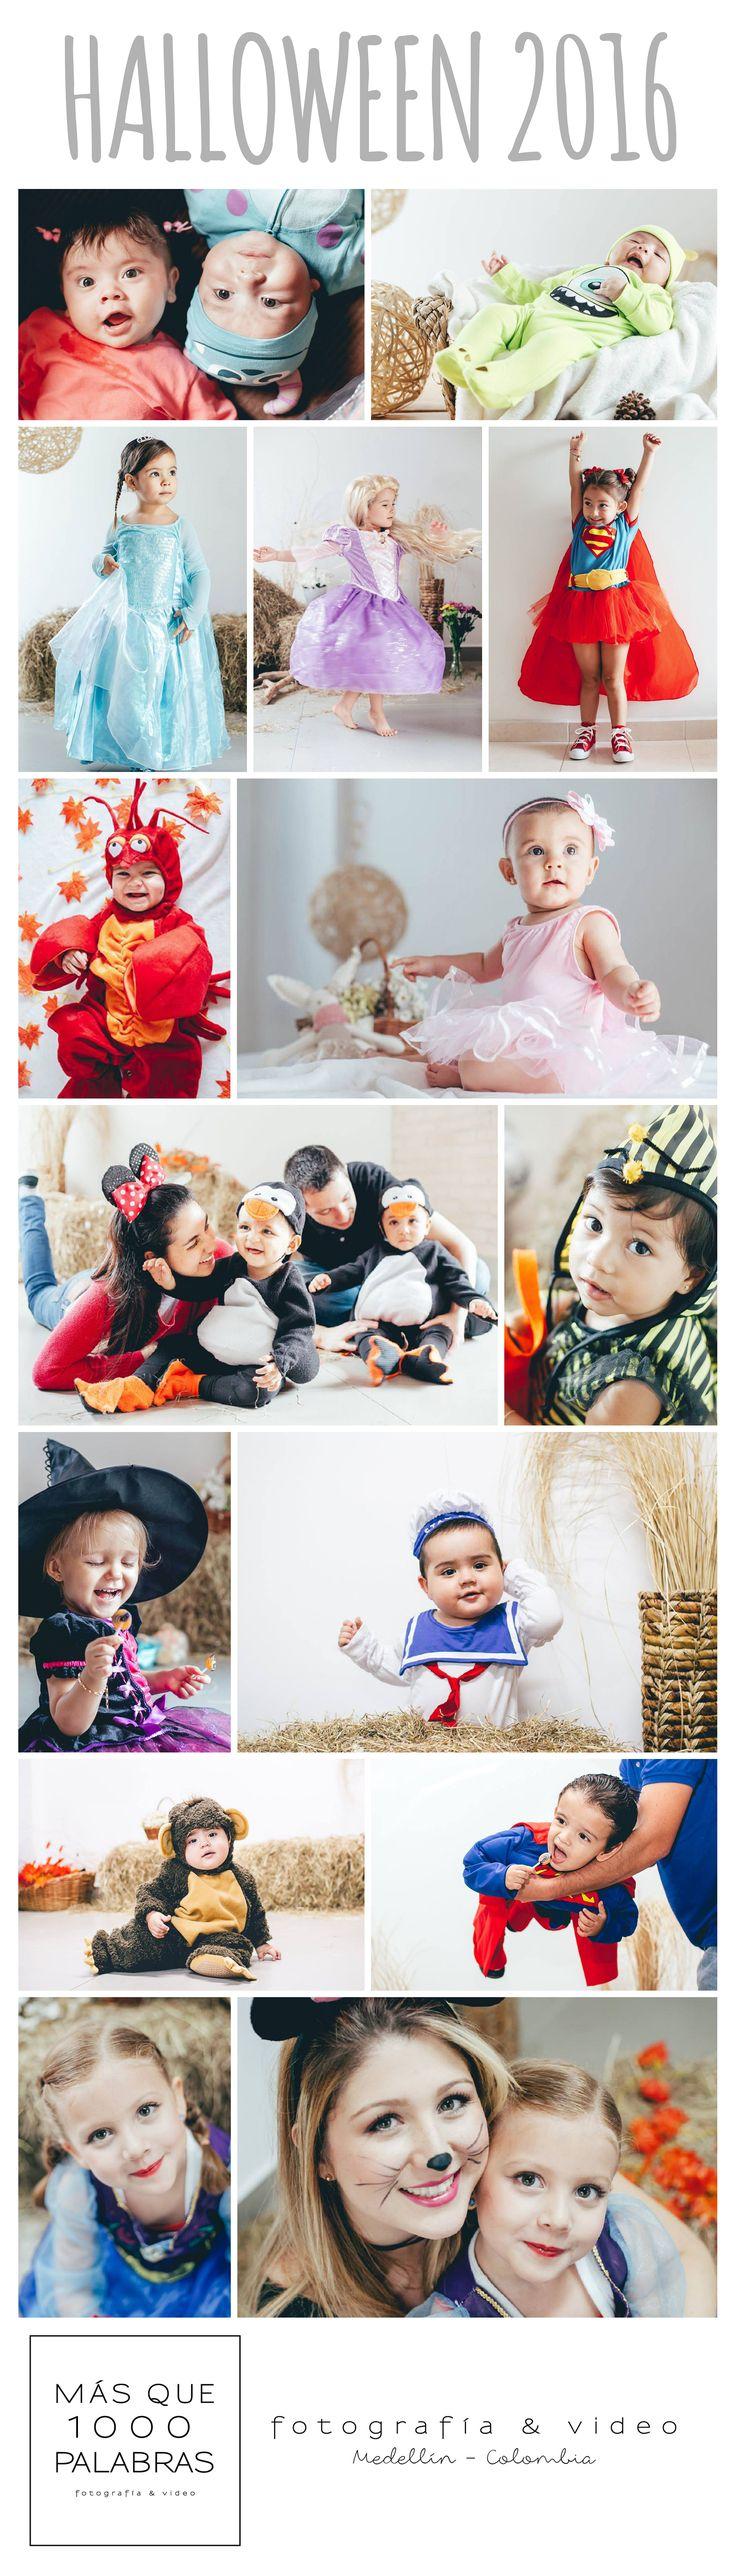 Estos son algunos de los peques que han pasado por nuestro set de Halloween. Quedan pocos días de nuestra promo!! Mini Sesiones de fotos desde $130.000 Tienes hasta el 3 de noviembre. Reserva la tuya YA! Contáctanos al 3006146495 o al 3007984946